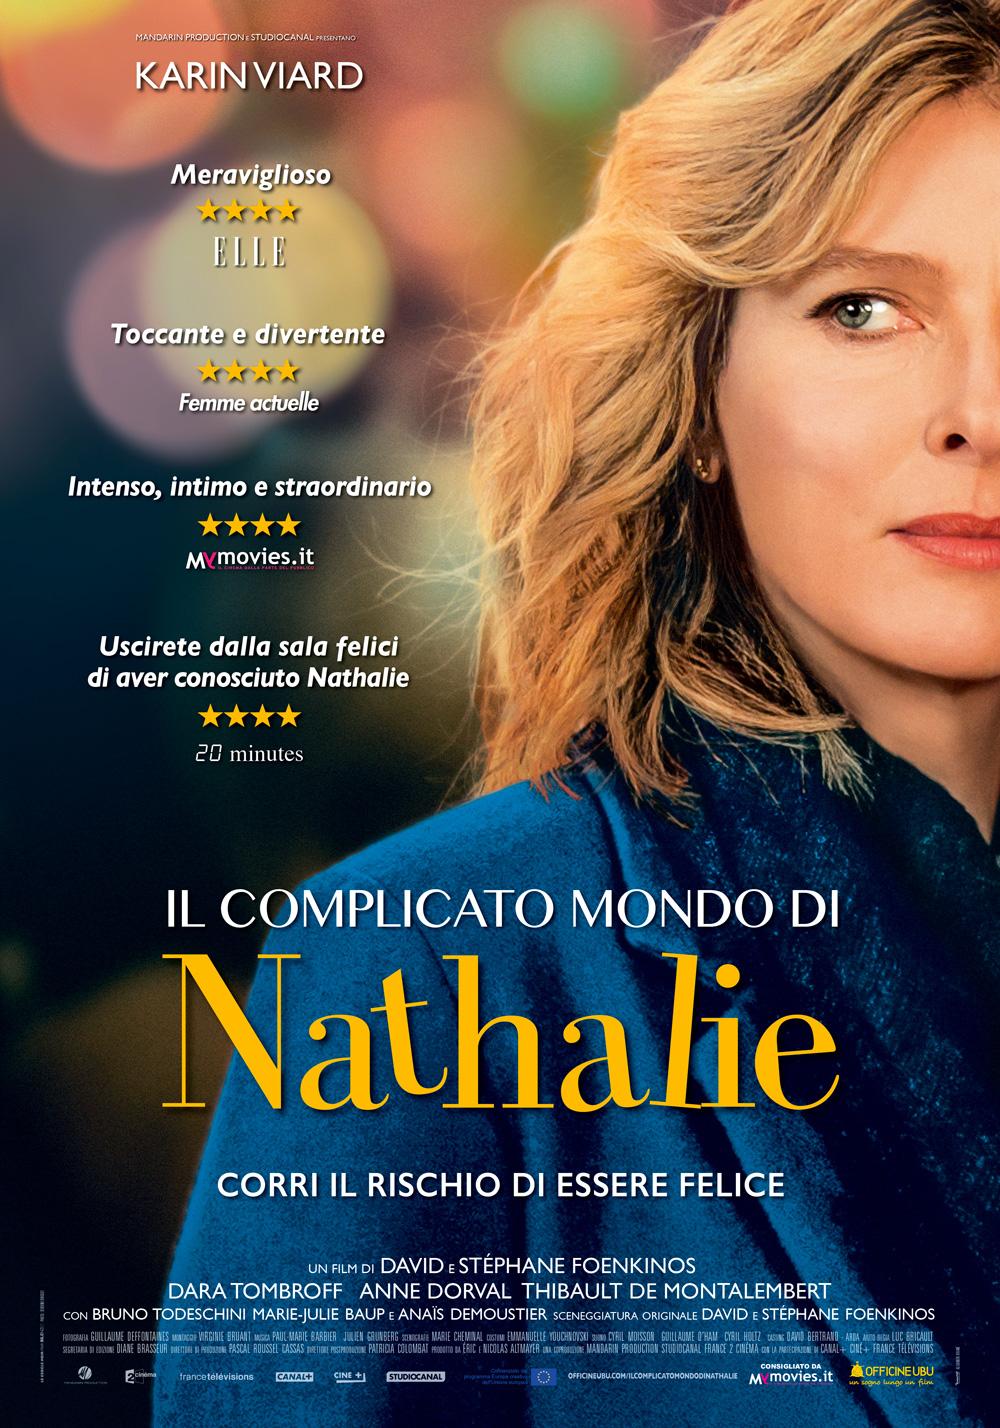 IL COMPLICATO MONDO DI NATHALIE - OFFICINE UBU